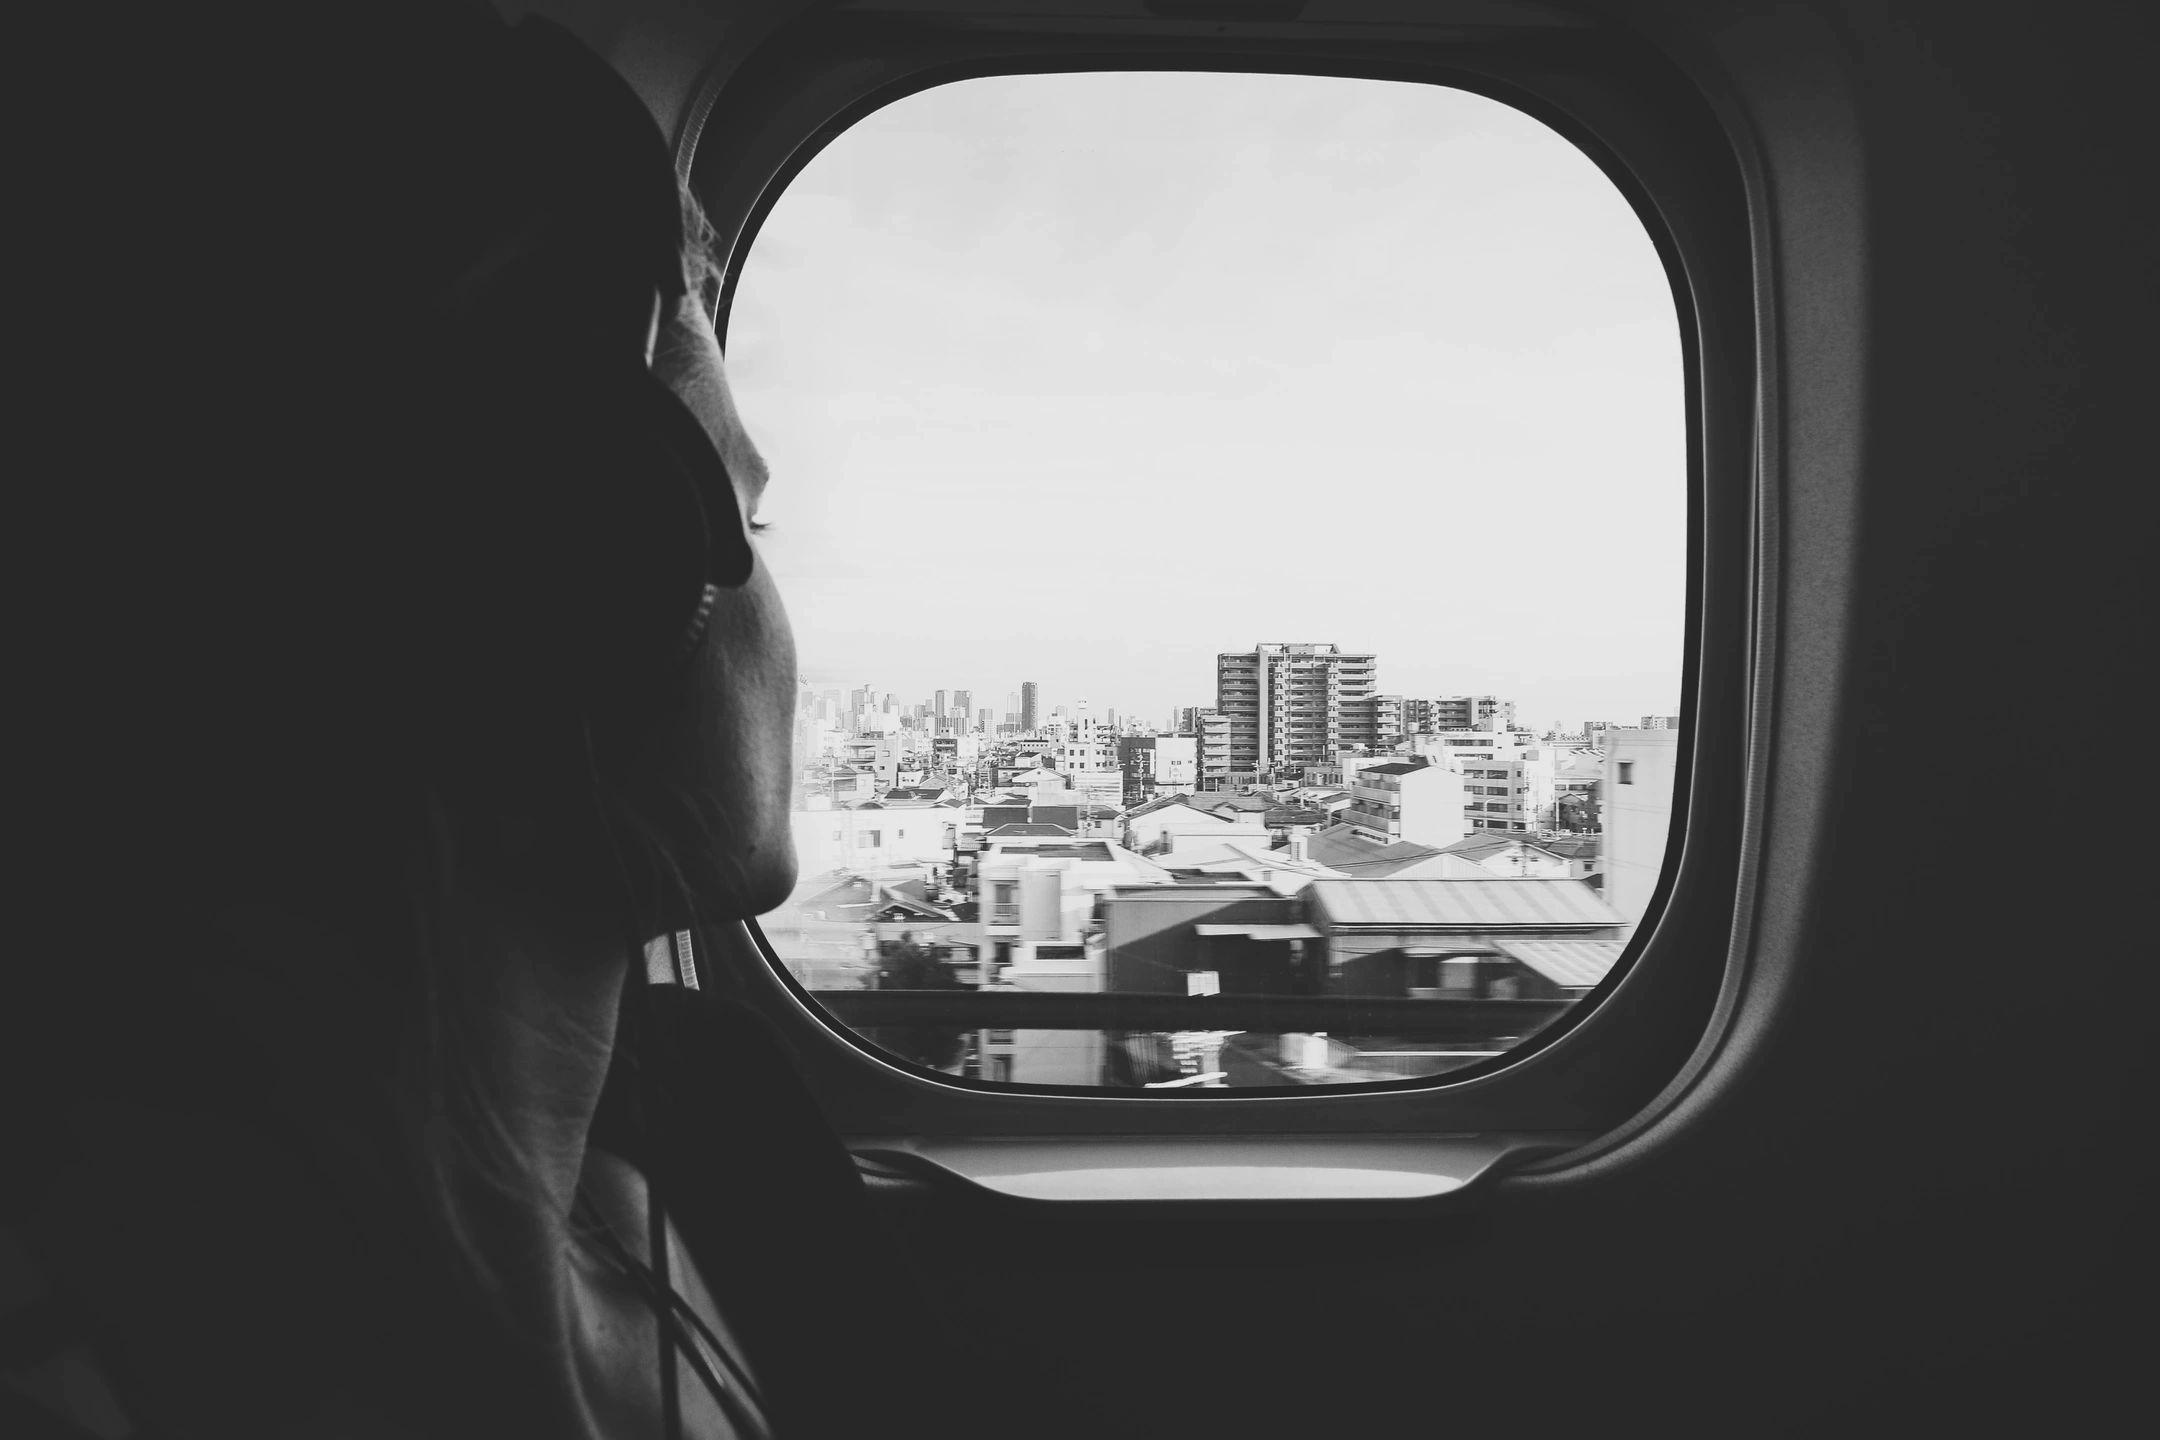 chico viajando en avión